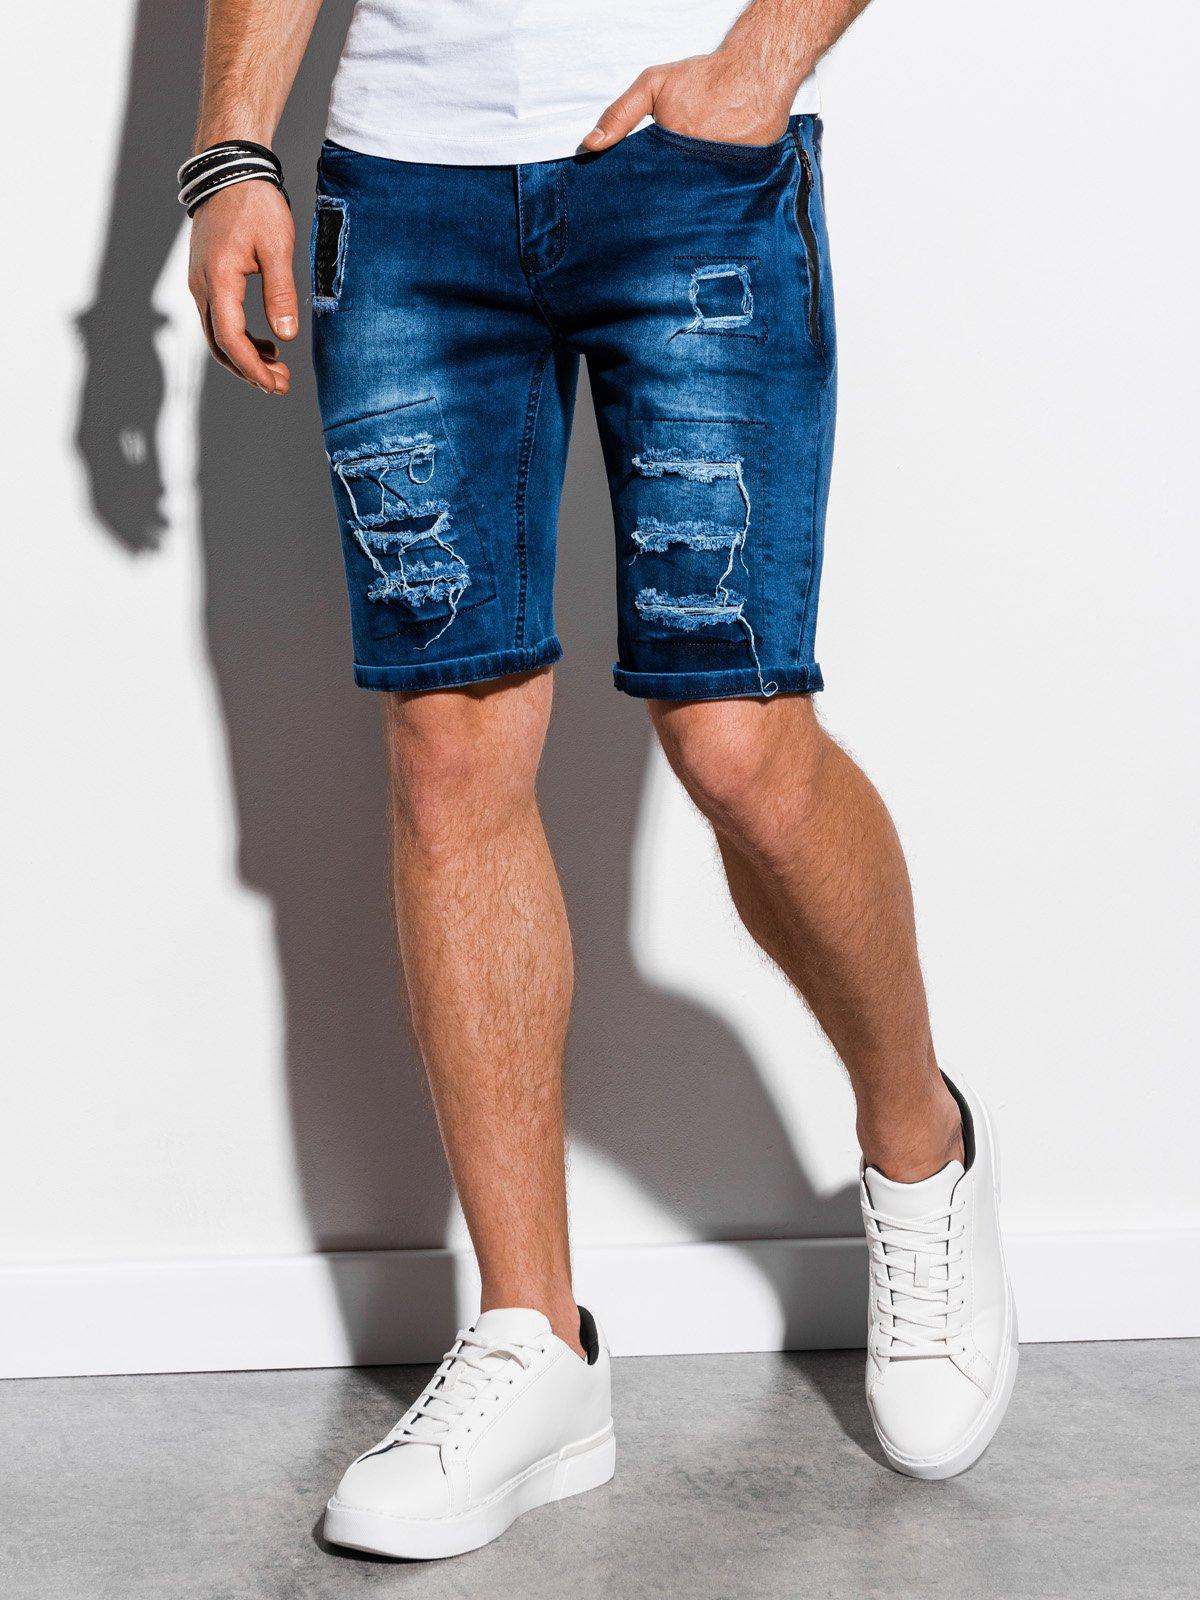 Купить со скидкой Шорти чоловічі джинсові W131 -темно-сині